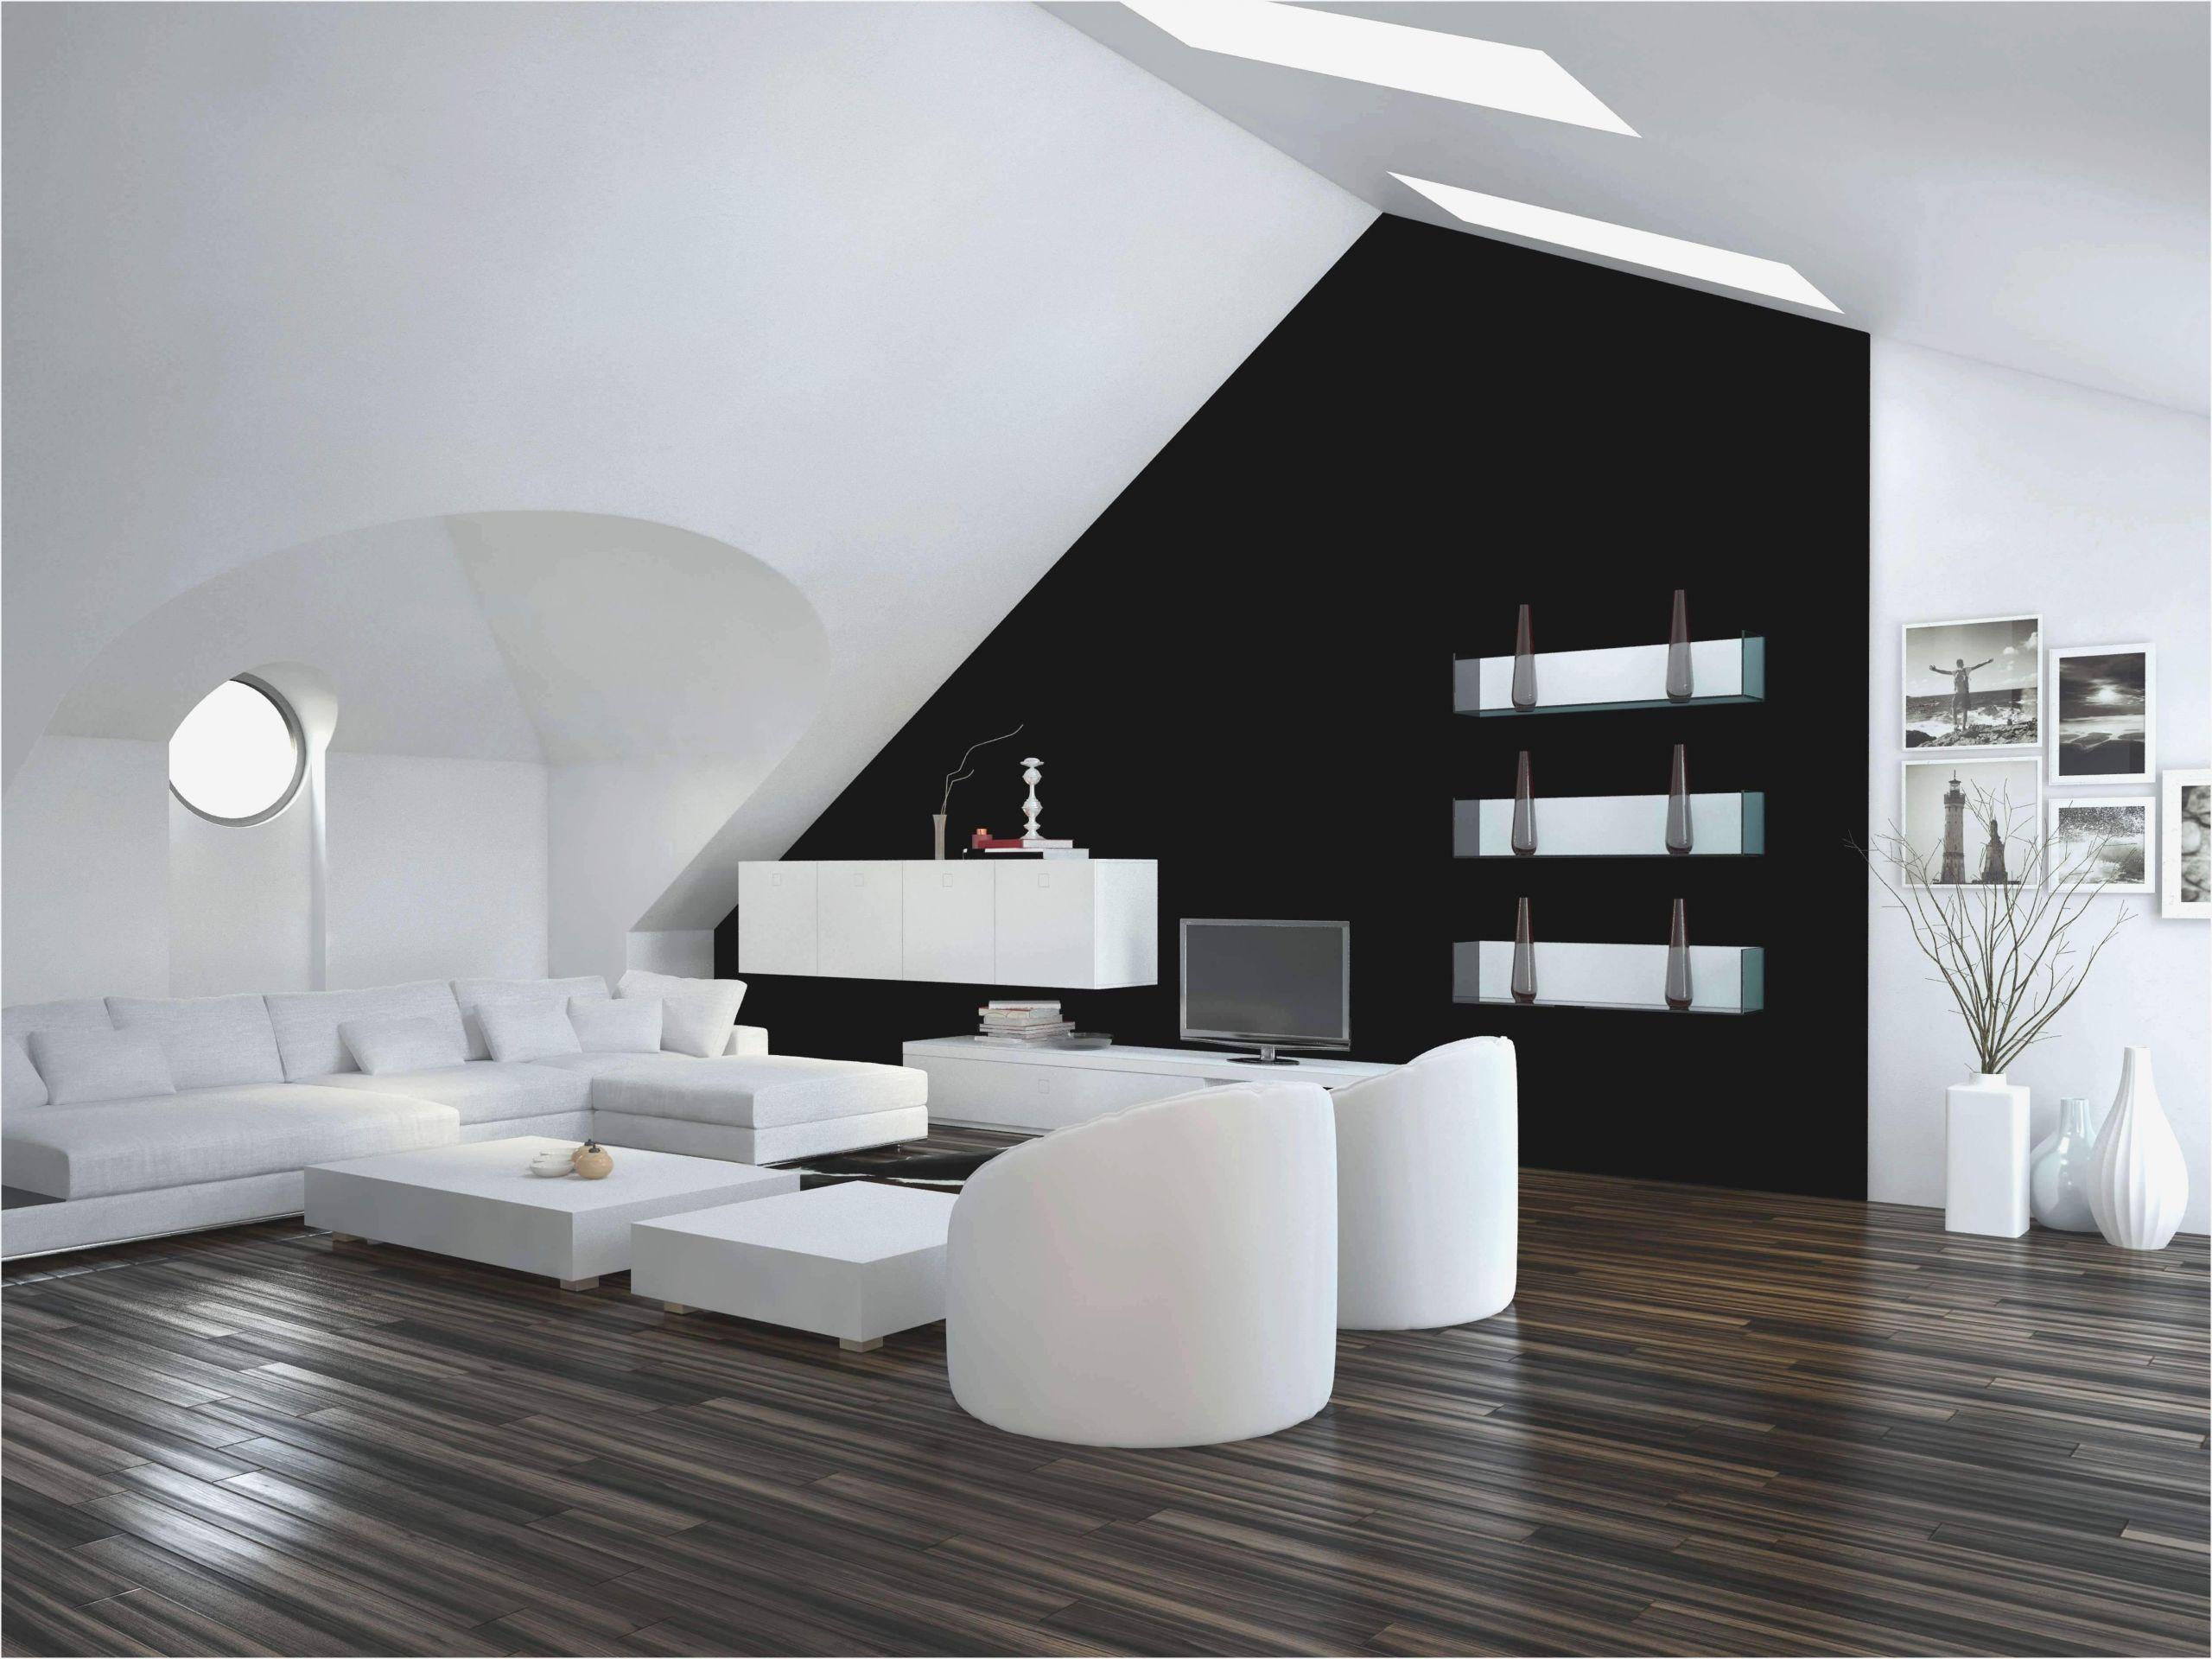 bilder dekoration wohnzimmer menschen scaled